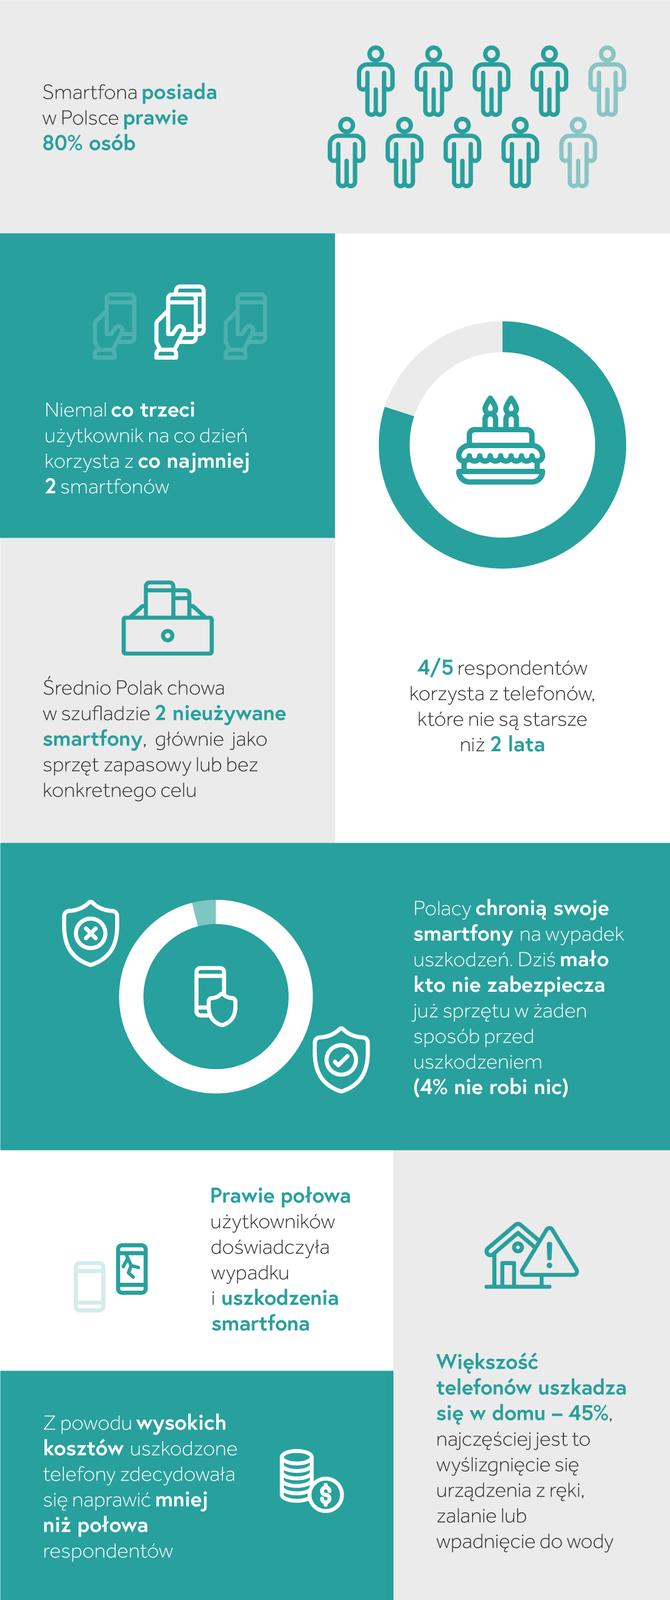 Polacy coraz częściej kupują coraz droższe smartfony [2]